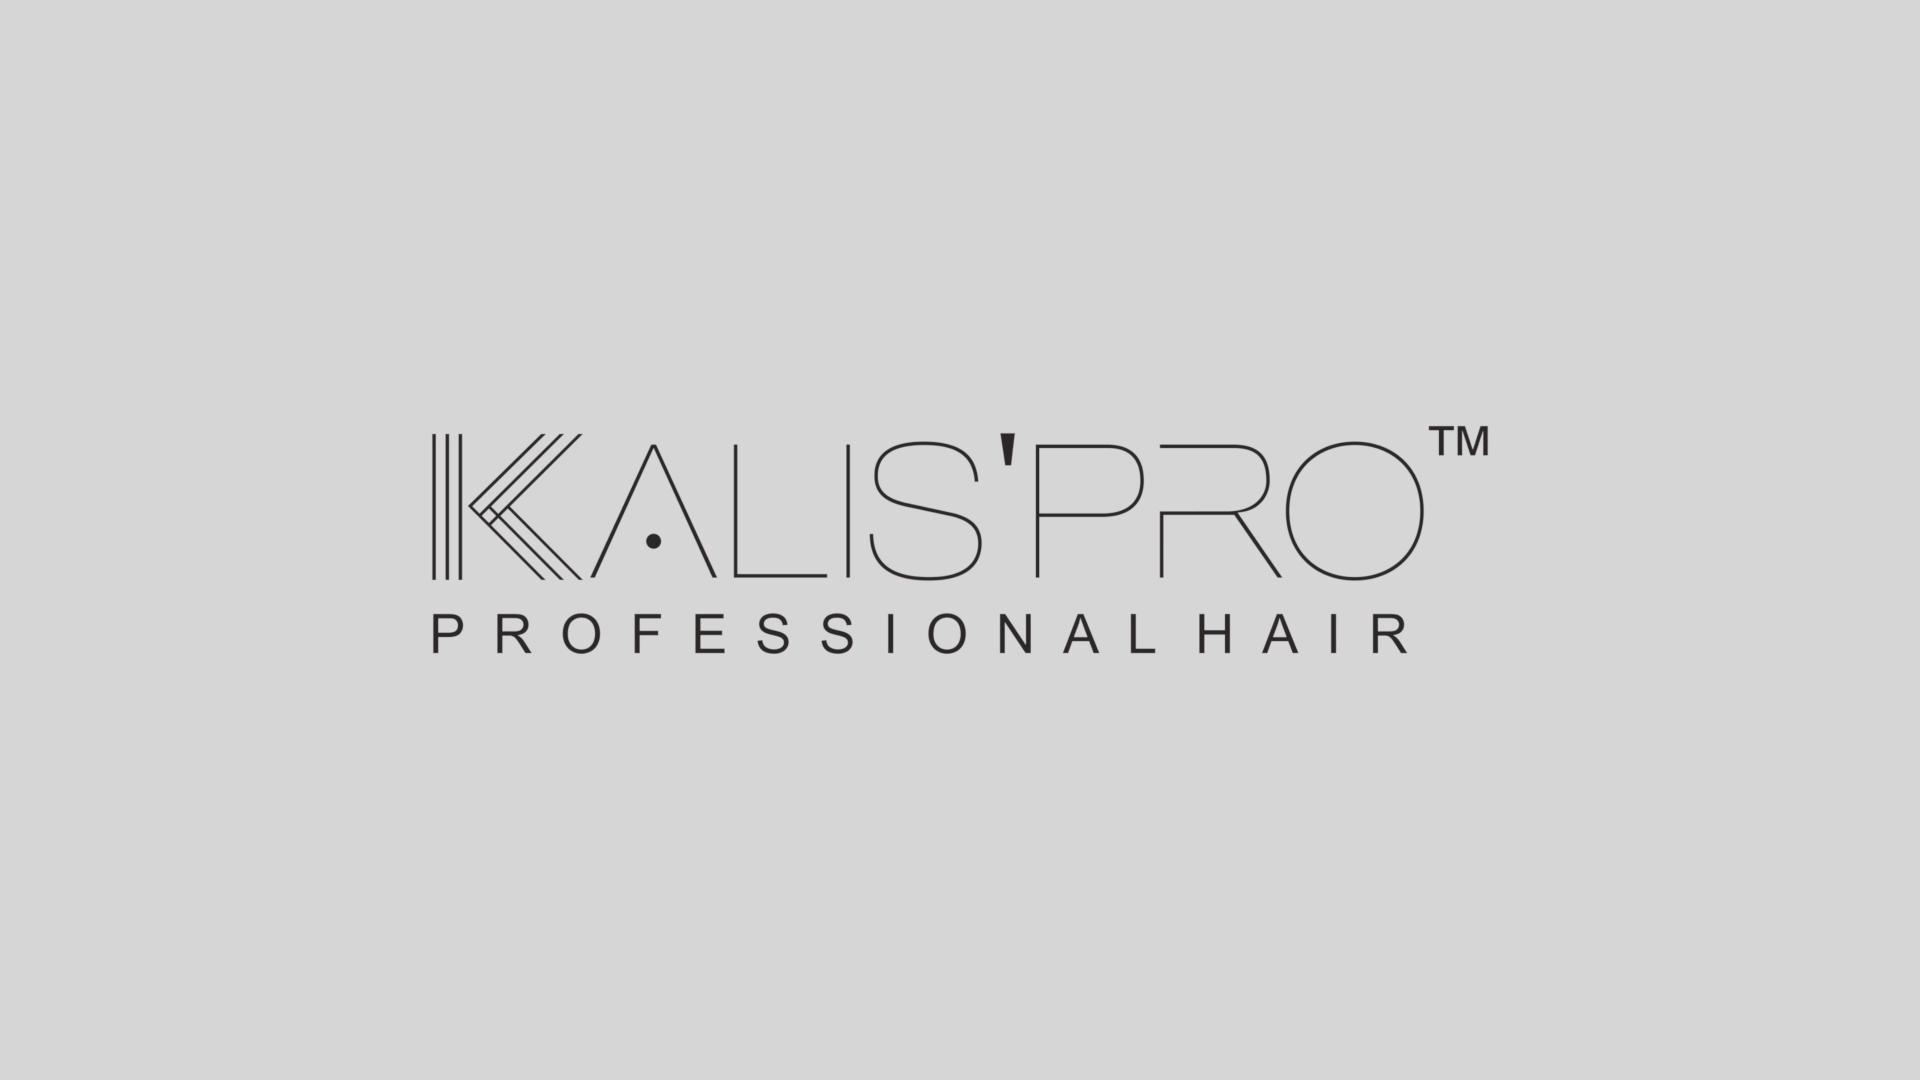 كاليسبرو OEM/ODM العلامة الخاصة دائم كريم لون الشعر صبغة شعر لصالون المهنية